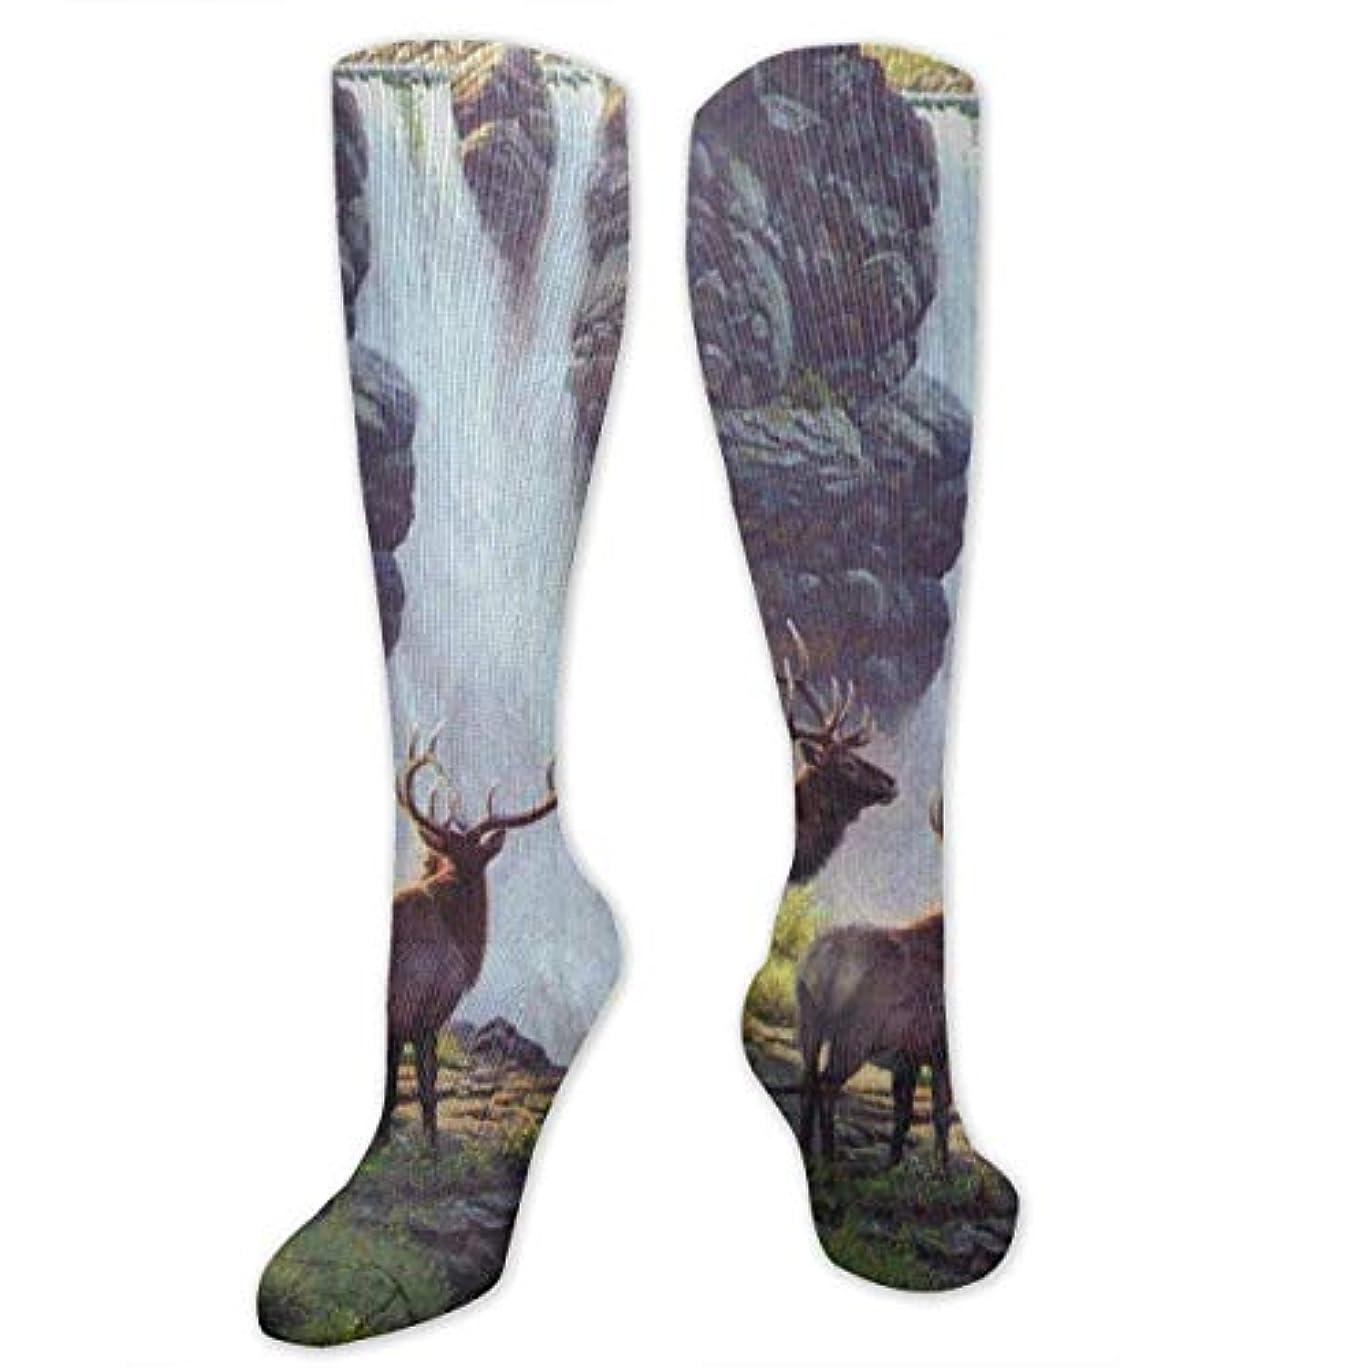 時間とともに眩惑するぴかぴか靴下,ストッキング,野生のジョーカー,実際,秋の本質,冬必須,サマーウェア&RBXAA Bookcliffs Elk Waterfall Landscape Socks Women's Winter Cotton Long...